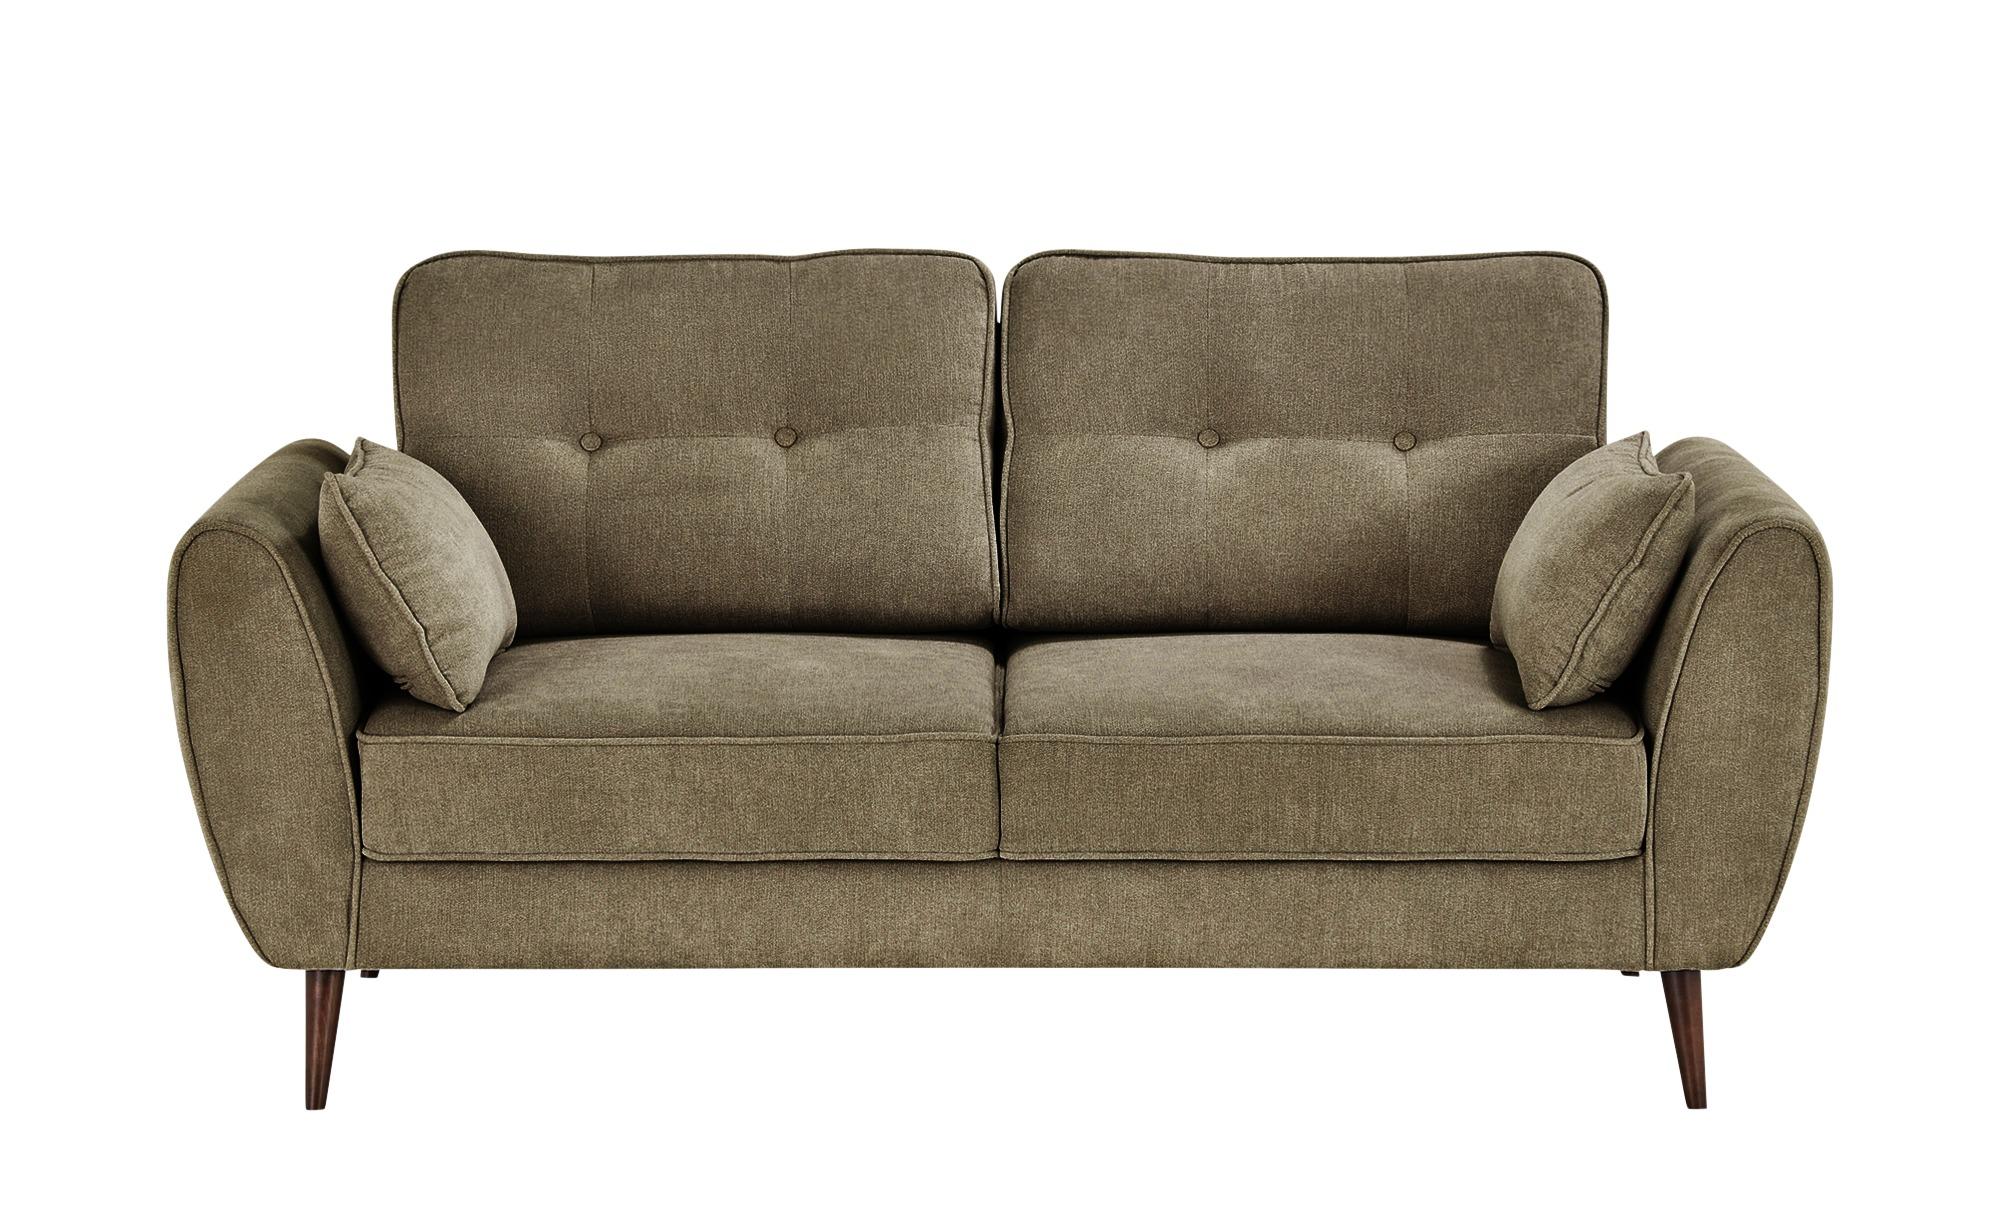 switch Sofa  Candy ¦ braun ¦ Maße (cm): B: 184 H: 86 T: 94 Polstermöbel > Sofas > 2-Sitzer - Höffner